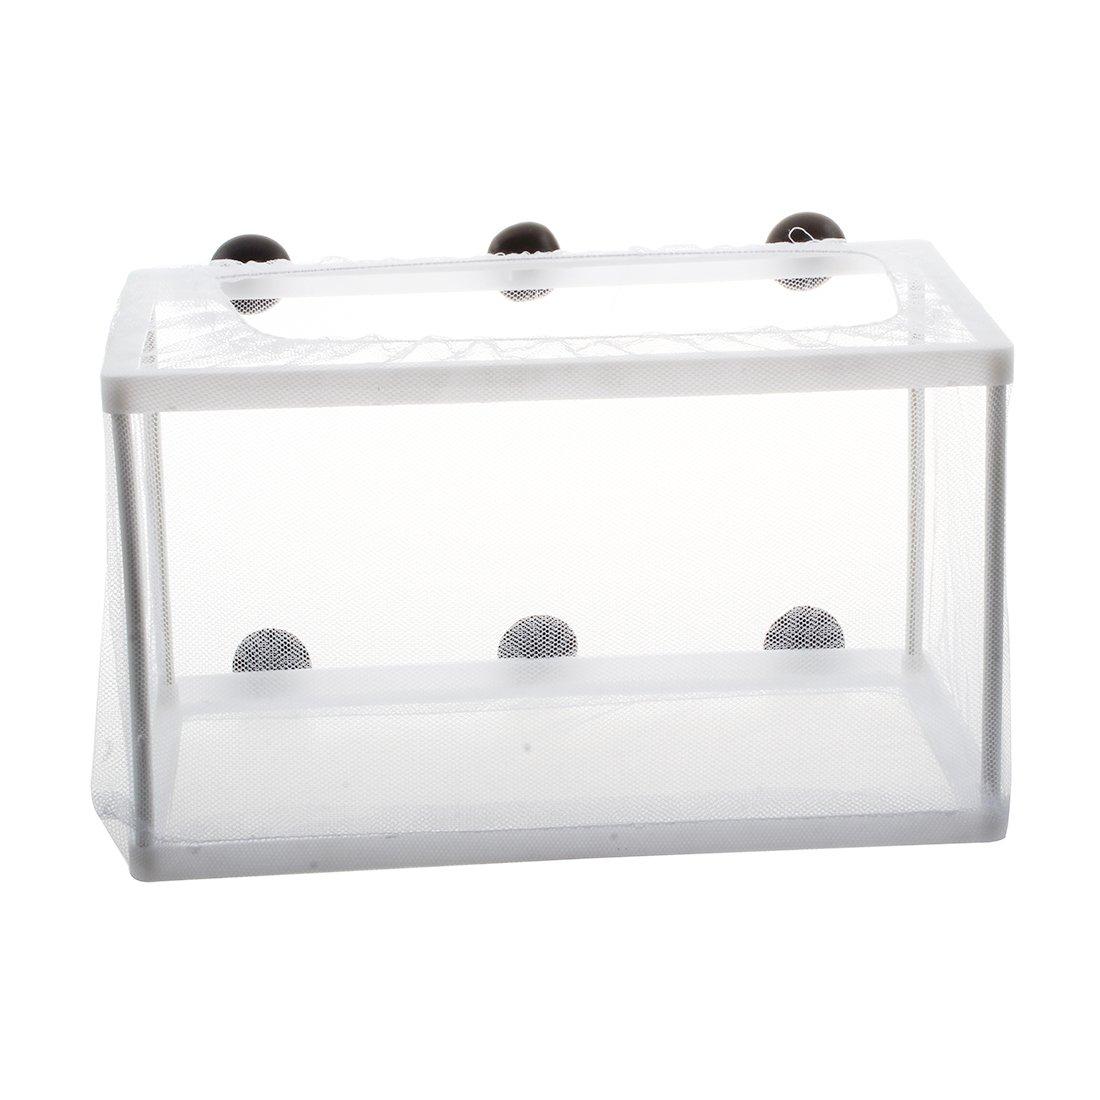 SODIAL(R) Incubateur de Grande taille de reseau d'isolement d'aquarium blanc, avec quatre ventouses 040149